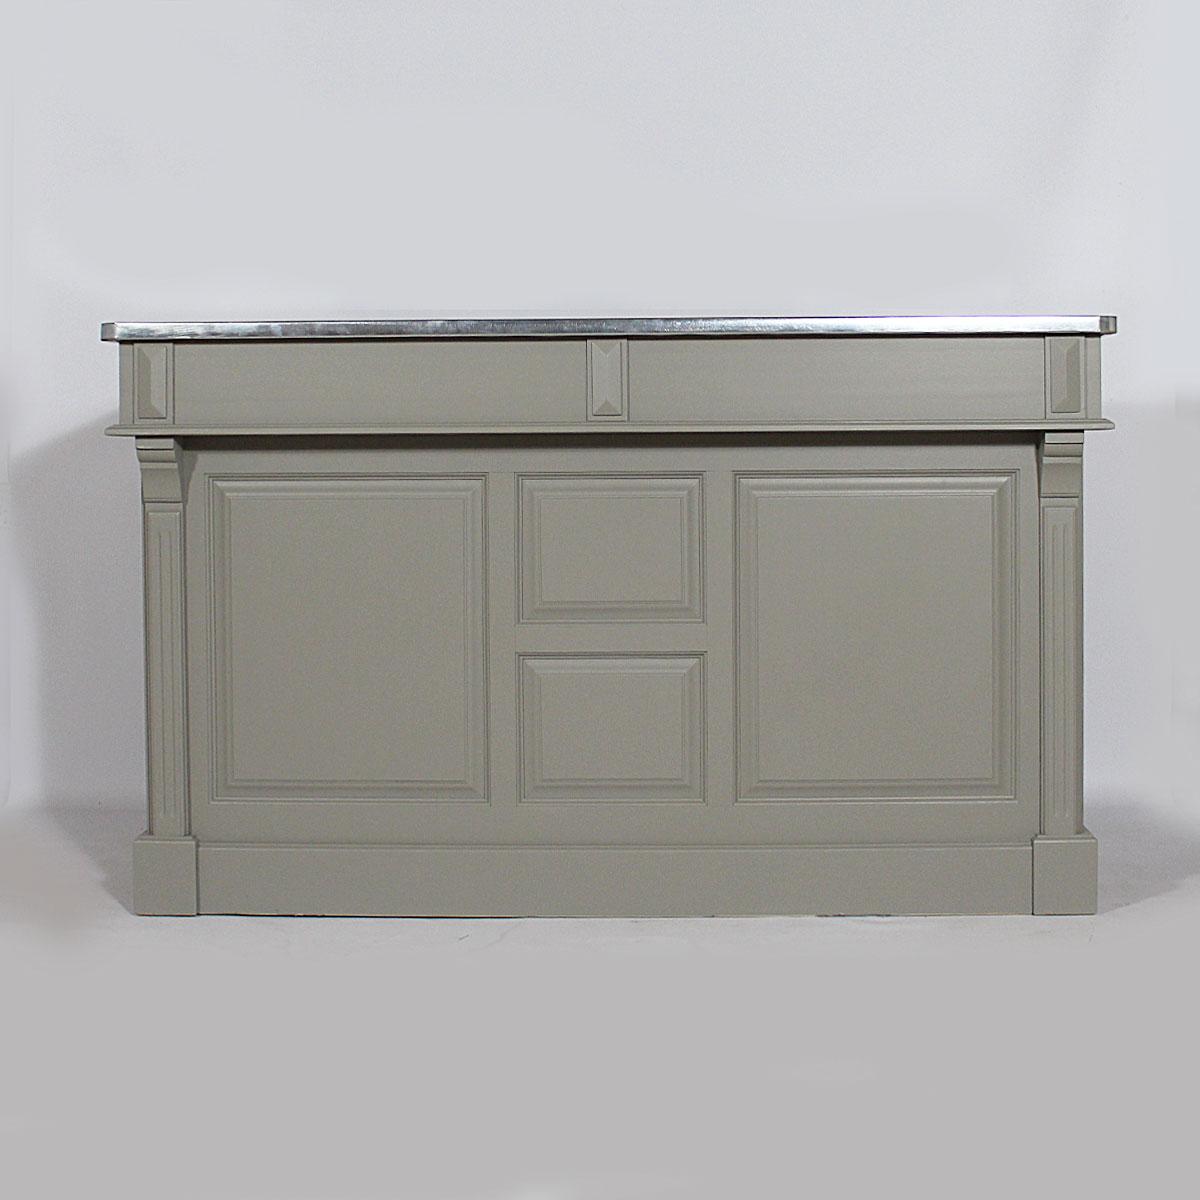 Abc meubles boutique en ligne de meubles en bois massif - Site de meuble en ligne ...